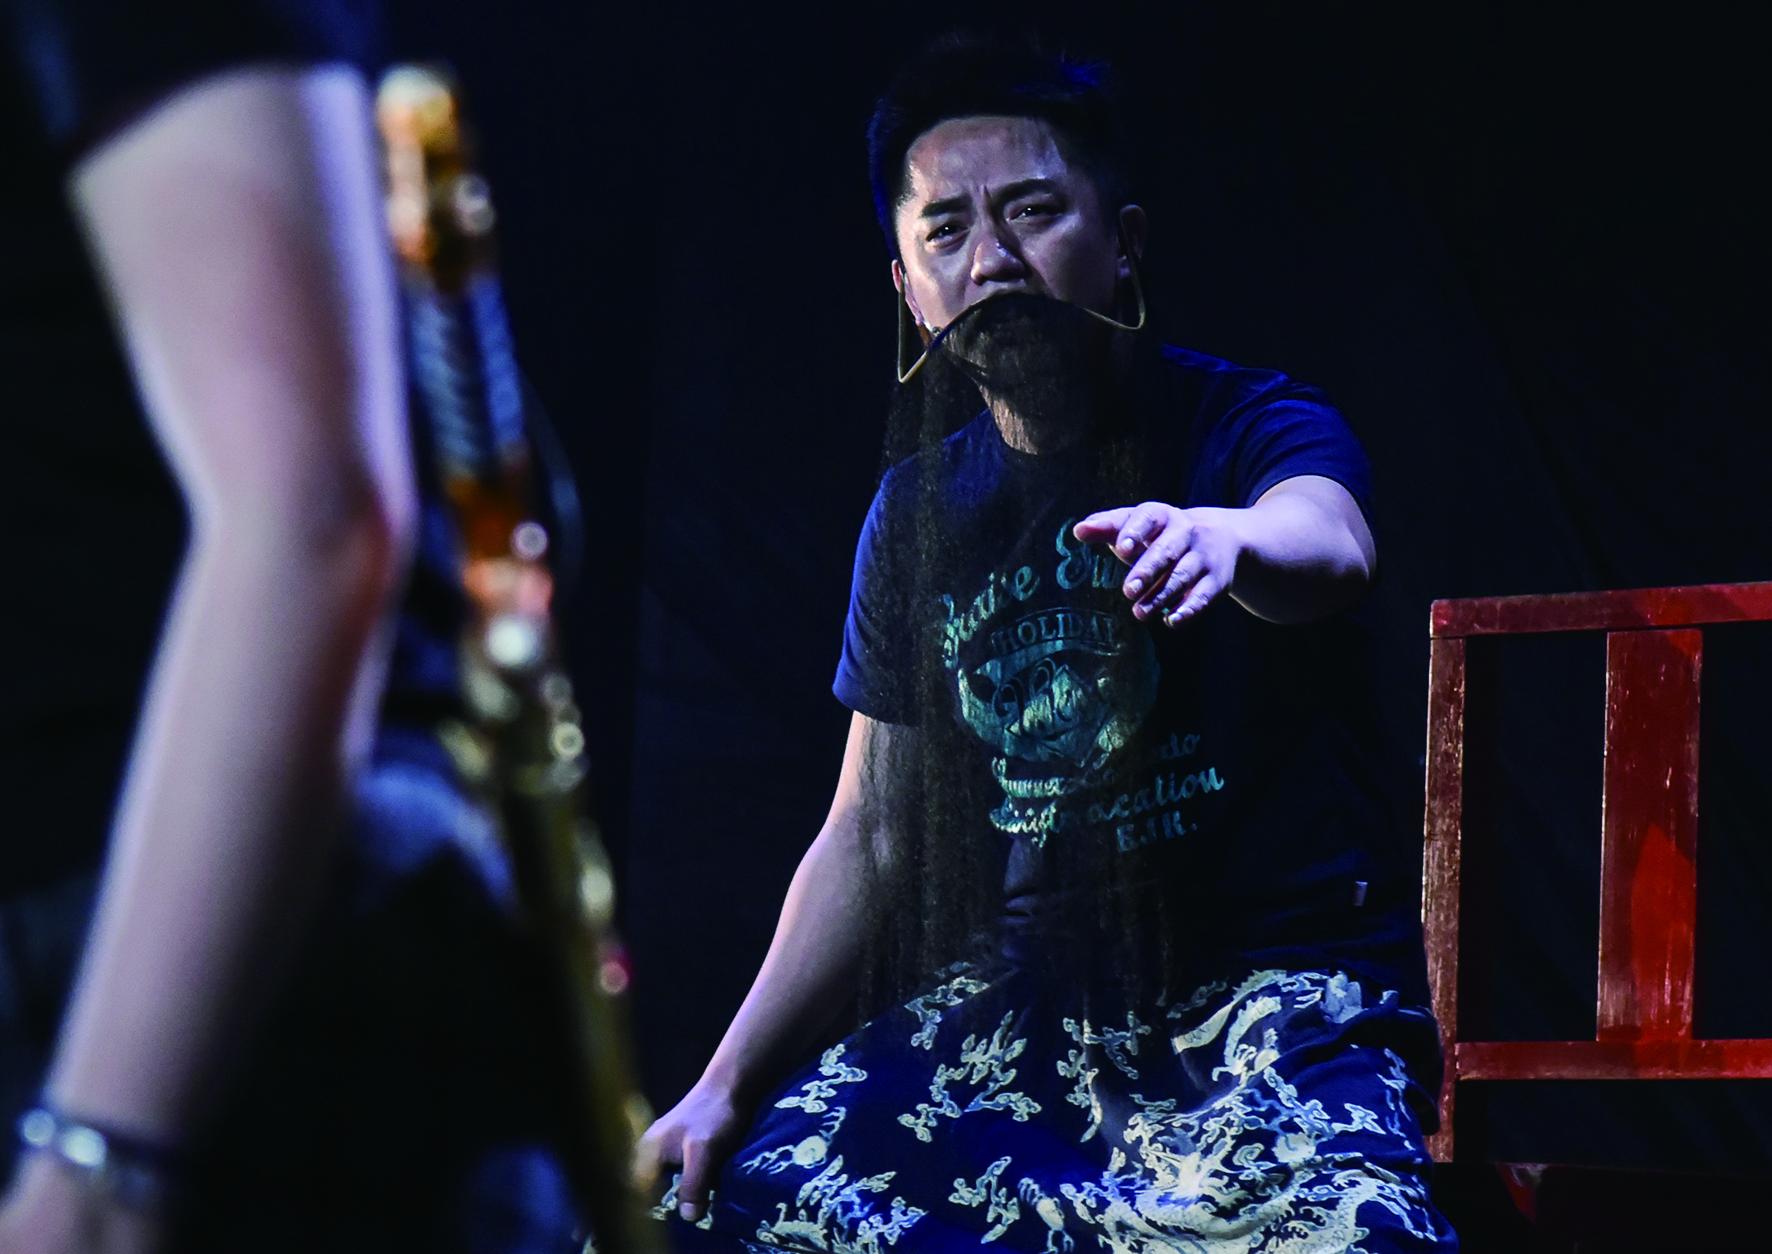 專攻老生的劉冠良畢業才發現並不如老師所說「歌仔戲很缺老生」,舞台上都以女性角色與演員為主。.jpg